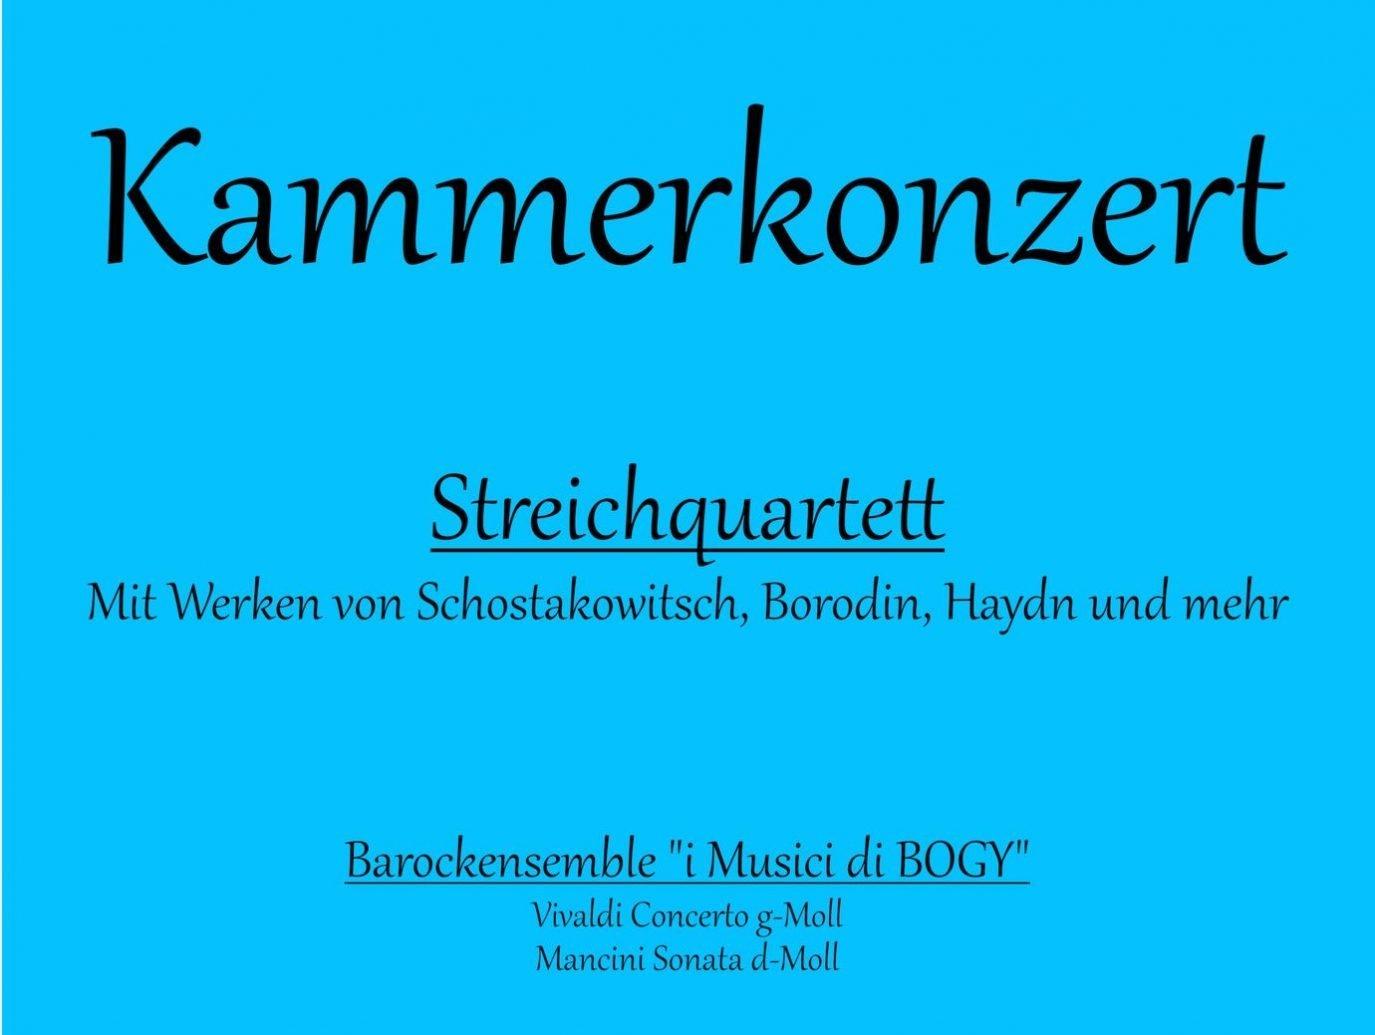 Einladung zum Kammerkonzert im Gewölbesaal